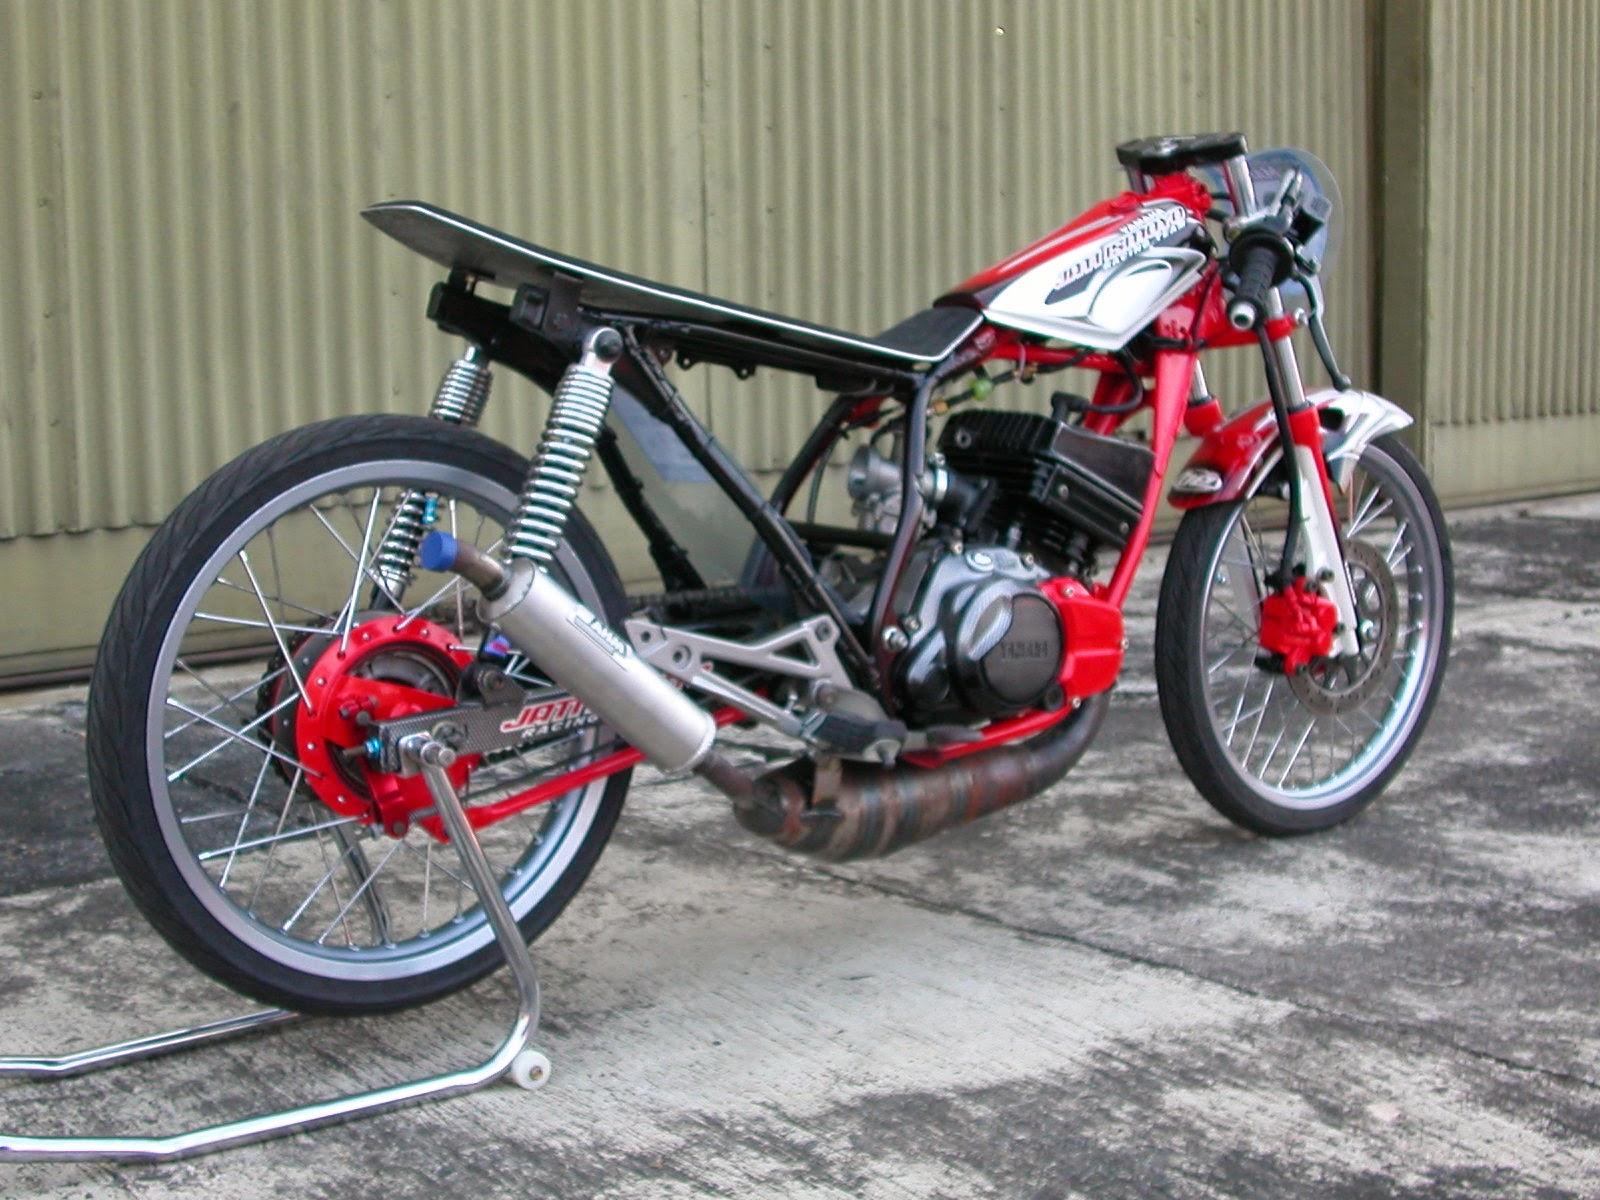 Modif Yamaha Mio Velg 17